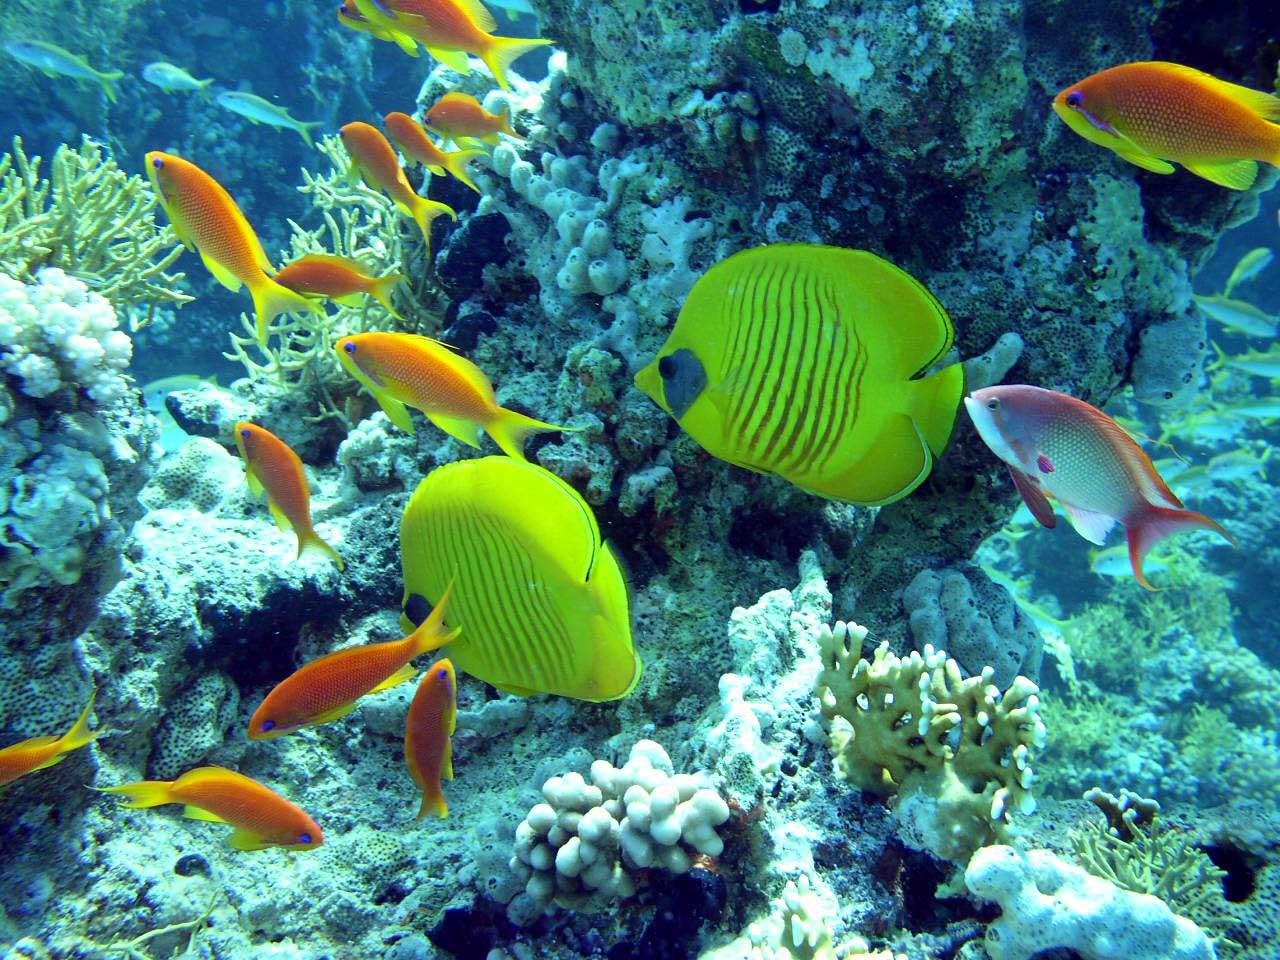 http://4.bp.blogspot.com/-oa0zEsRet_0/TZB2stE_RdI/AAAAAAAAACk/3_3xDMbn9oI/s1600/Sharm-El-Sheikh-Packages-sharm-el-sheikh-scuba-diving.jpg